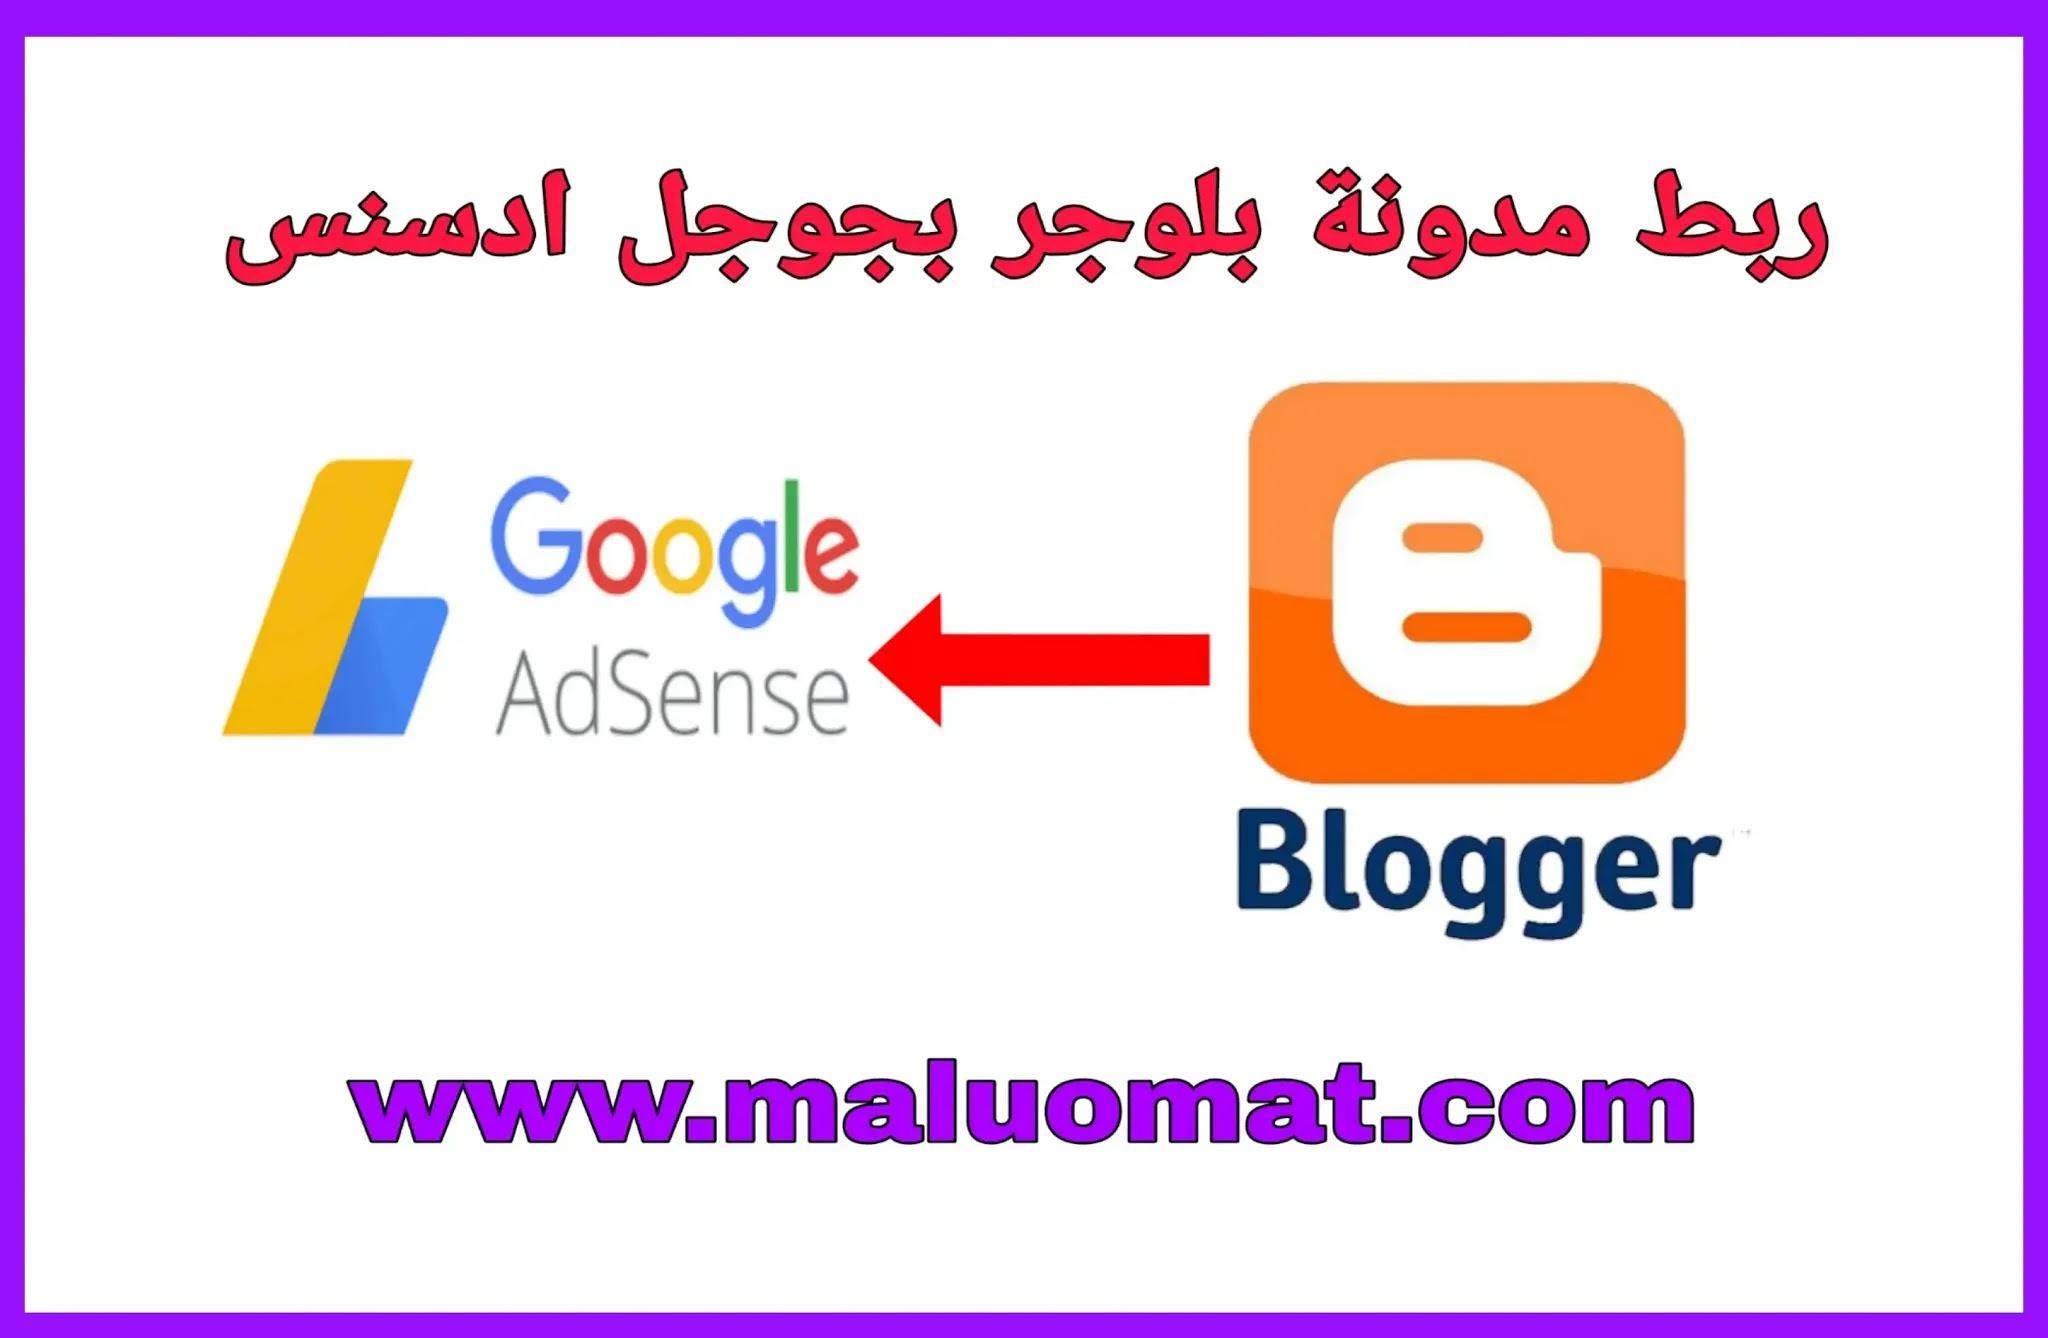 كيفية جعل مدونة Blogspot الخاصة بك مؤهلة لبرنامج Google AdSense